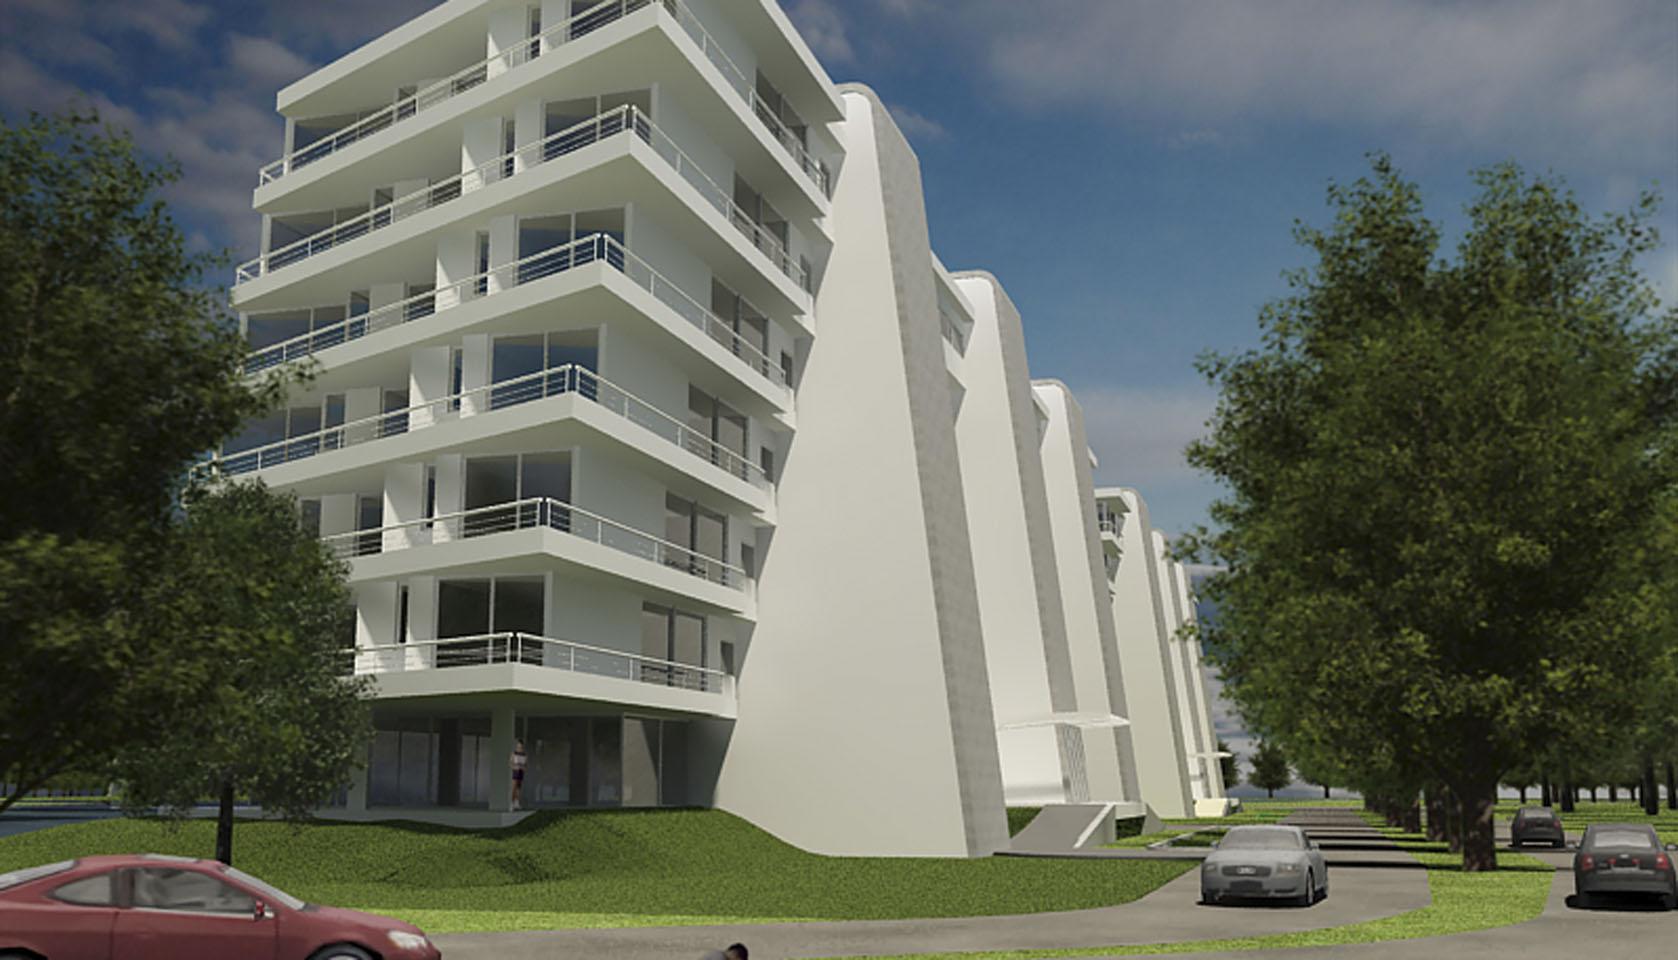 Edificios contemporáneos en buenos aires, diseño de complejos de vivienda